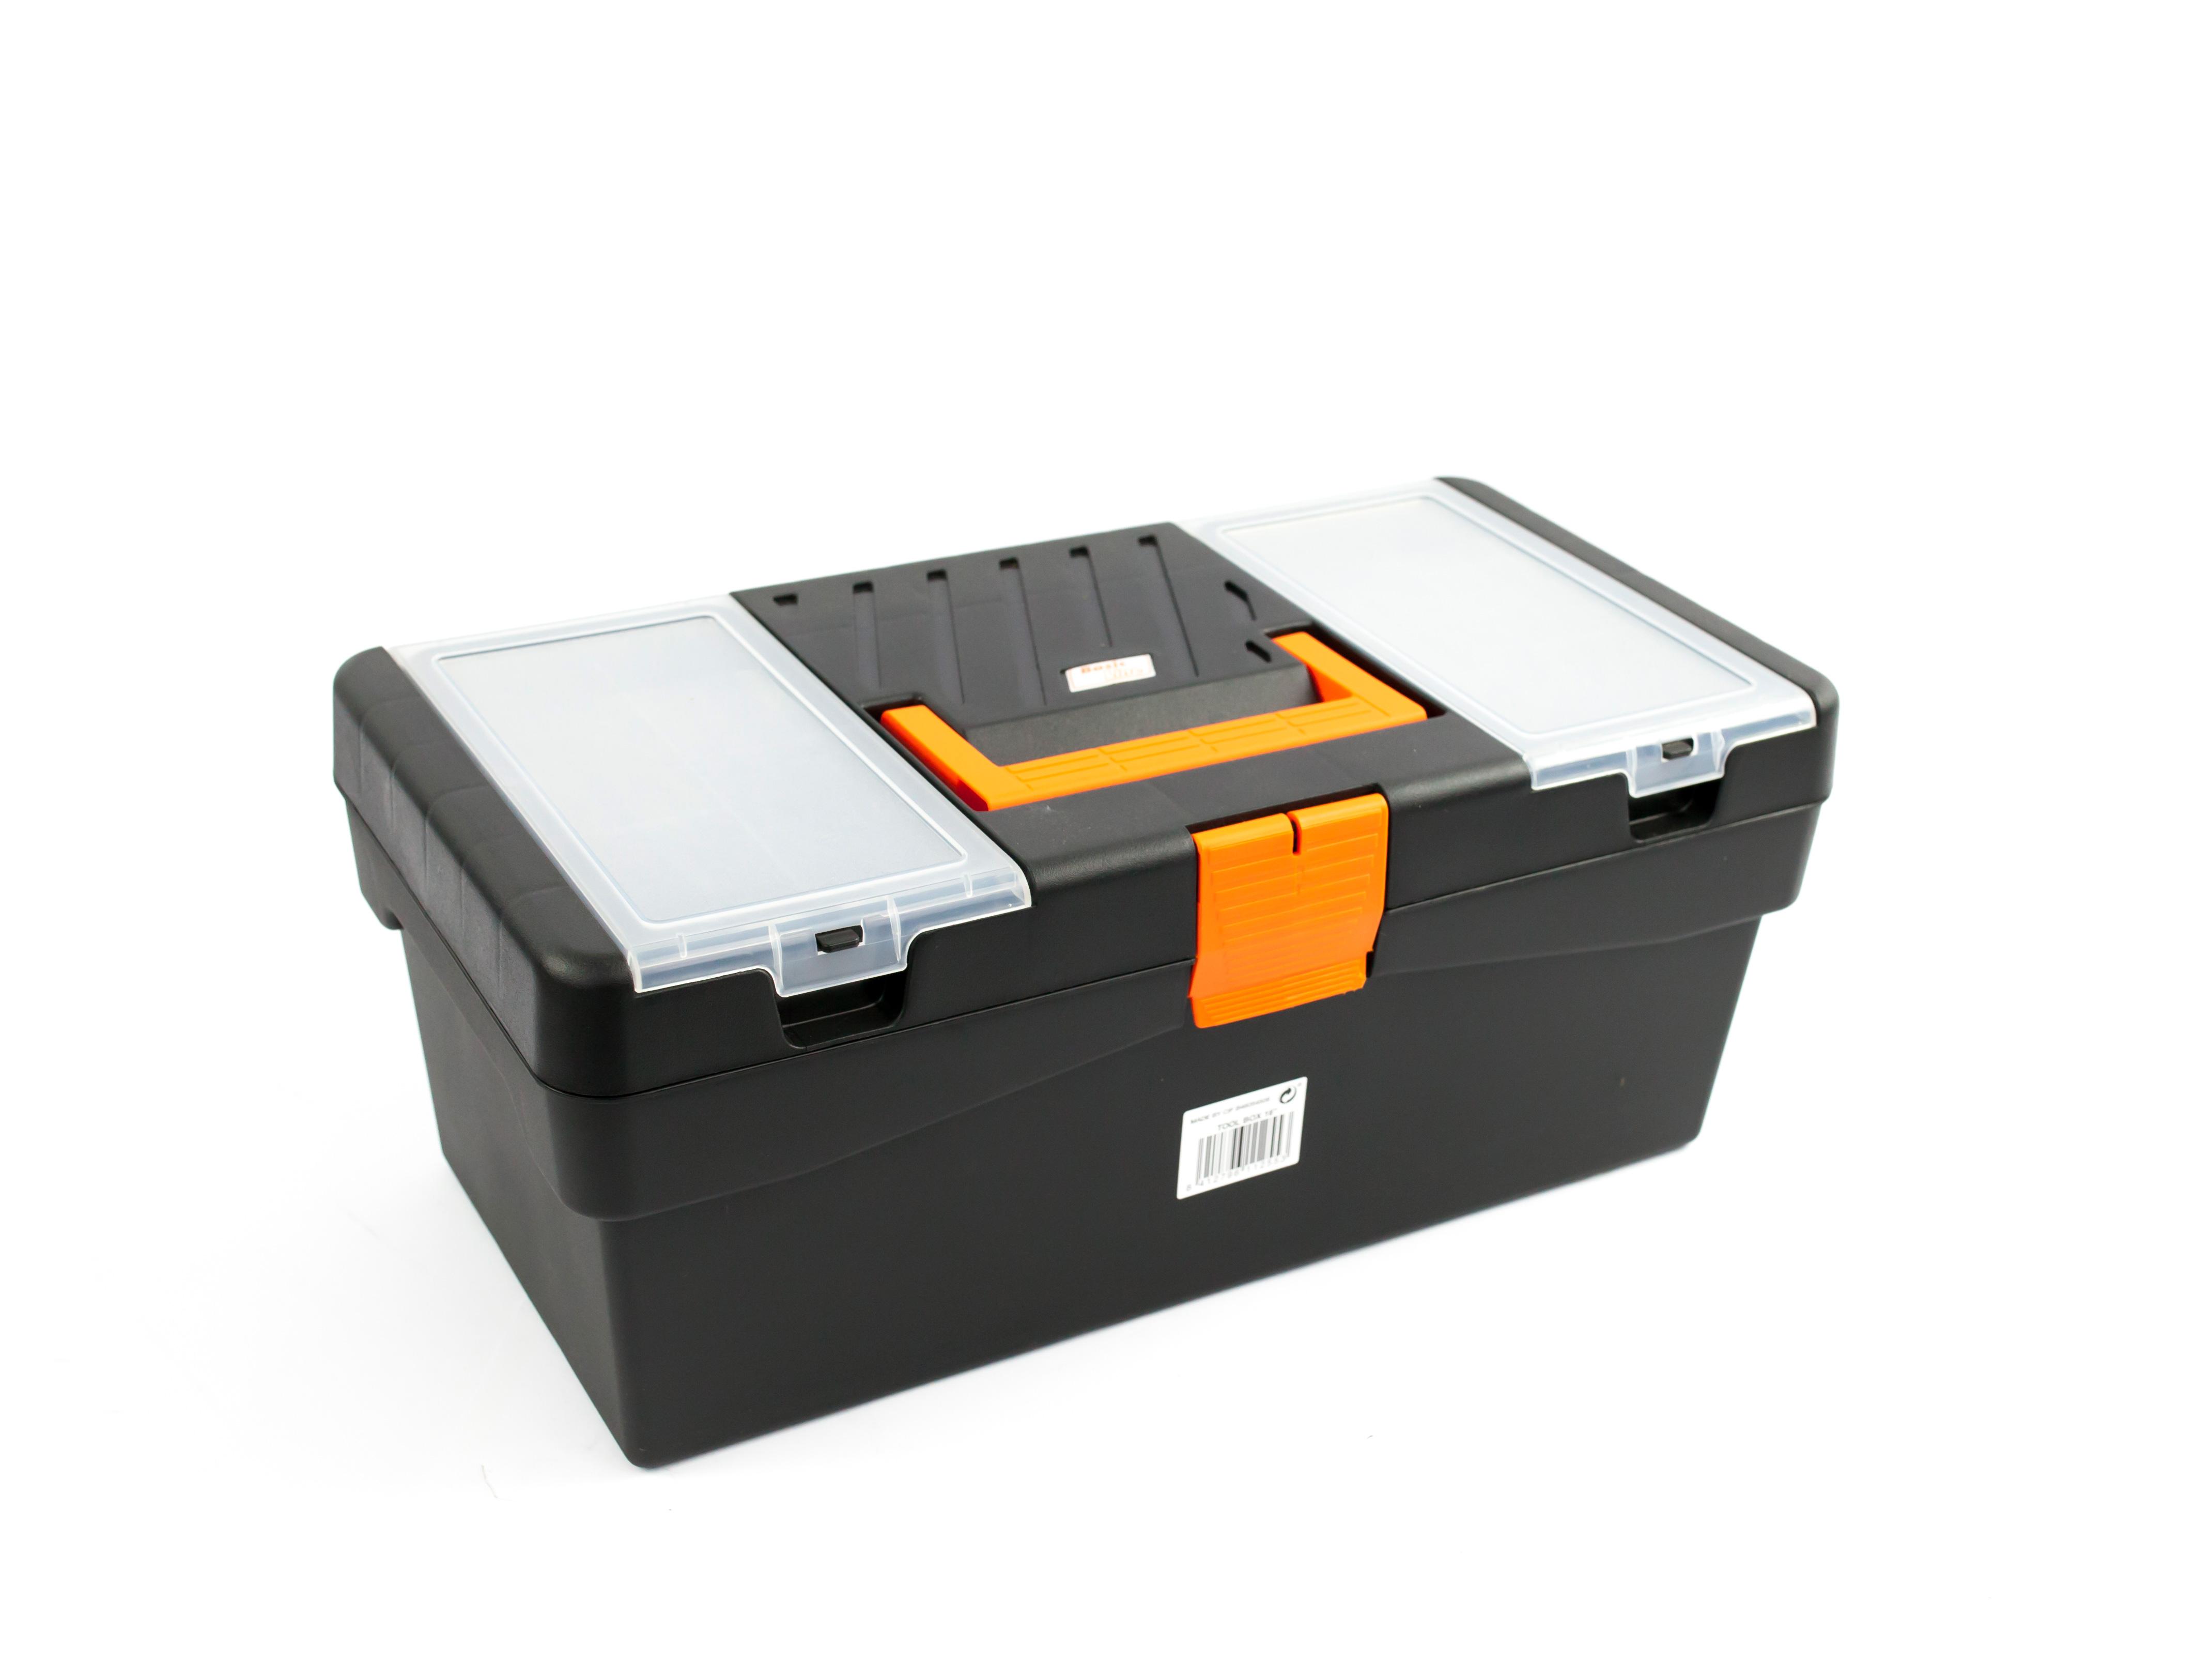 Caja de herramientas colección básica mod. Toolbox